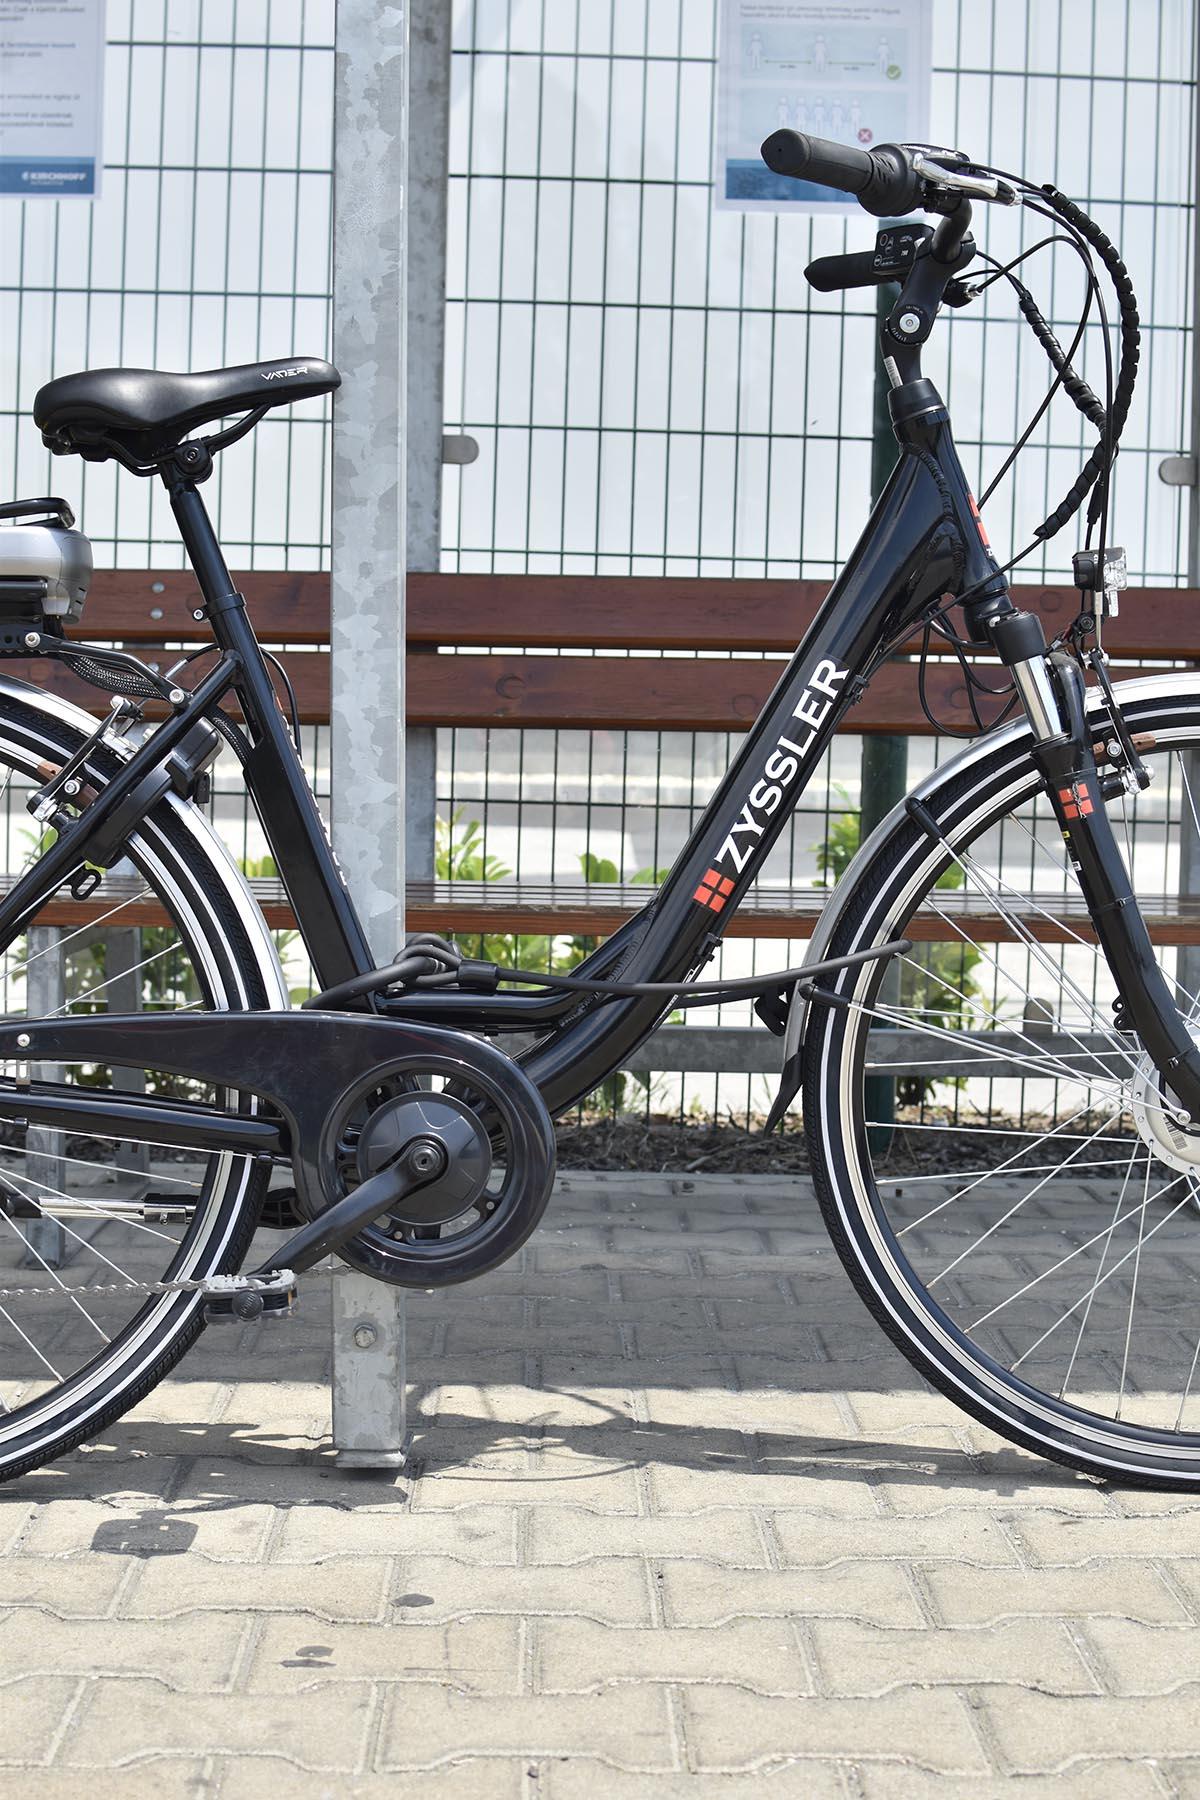 axa kerékpár lakat kábel zár